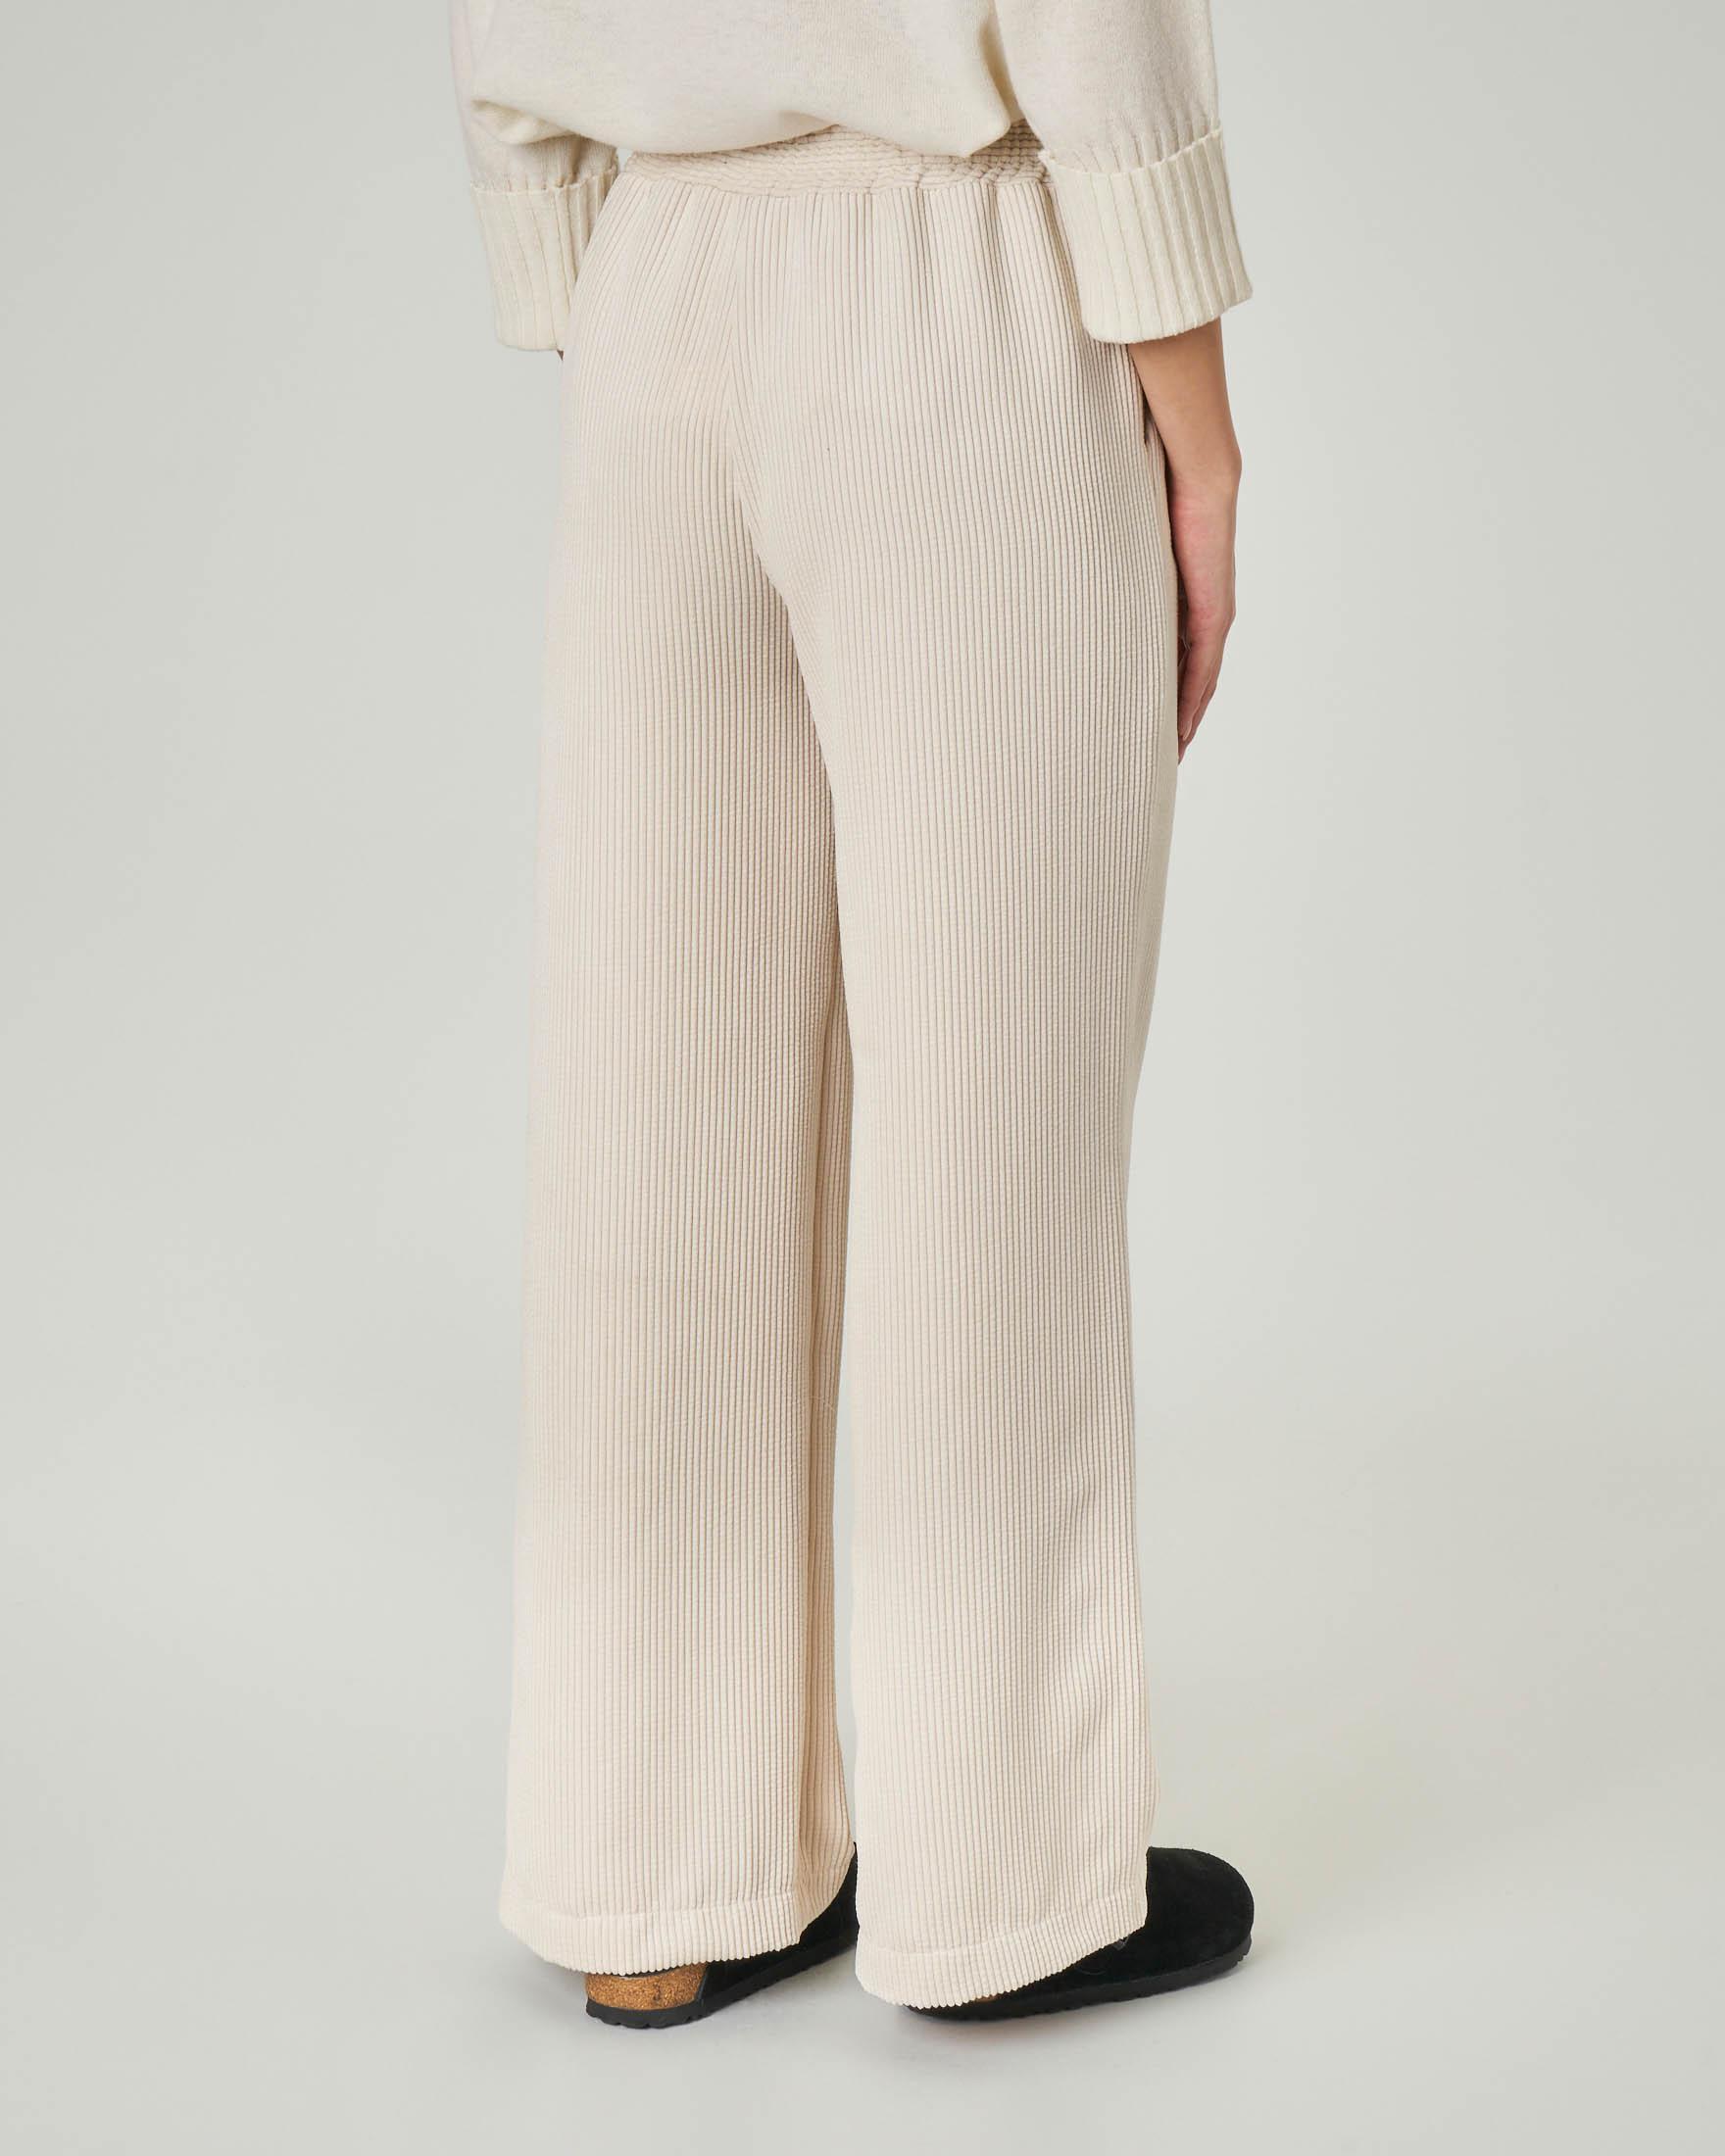 Pantaloni ampi in velluto a coste color avorio con elastico inserito in vita